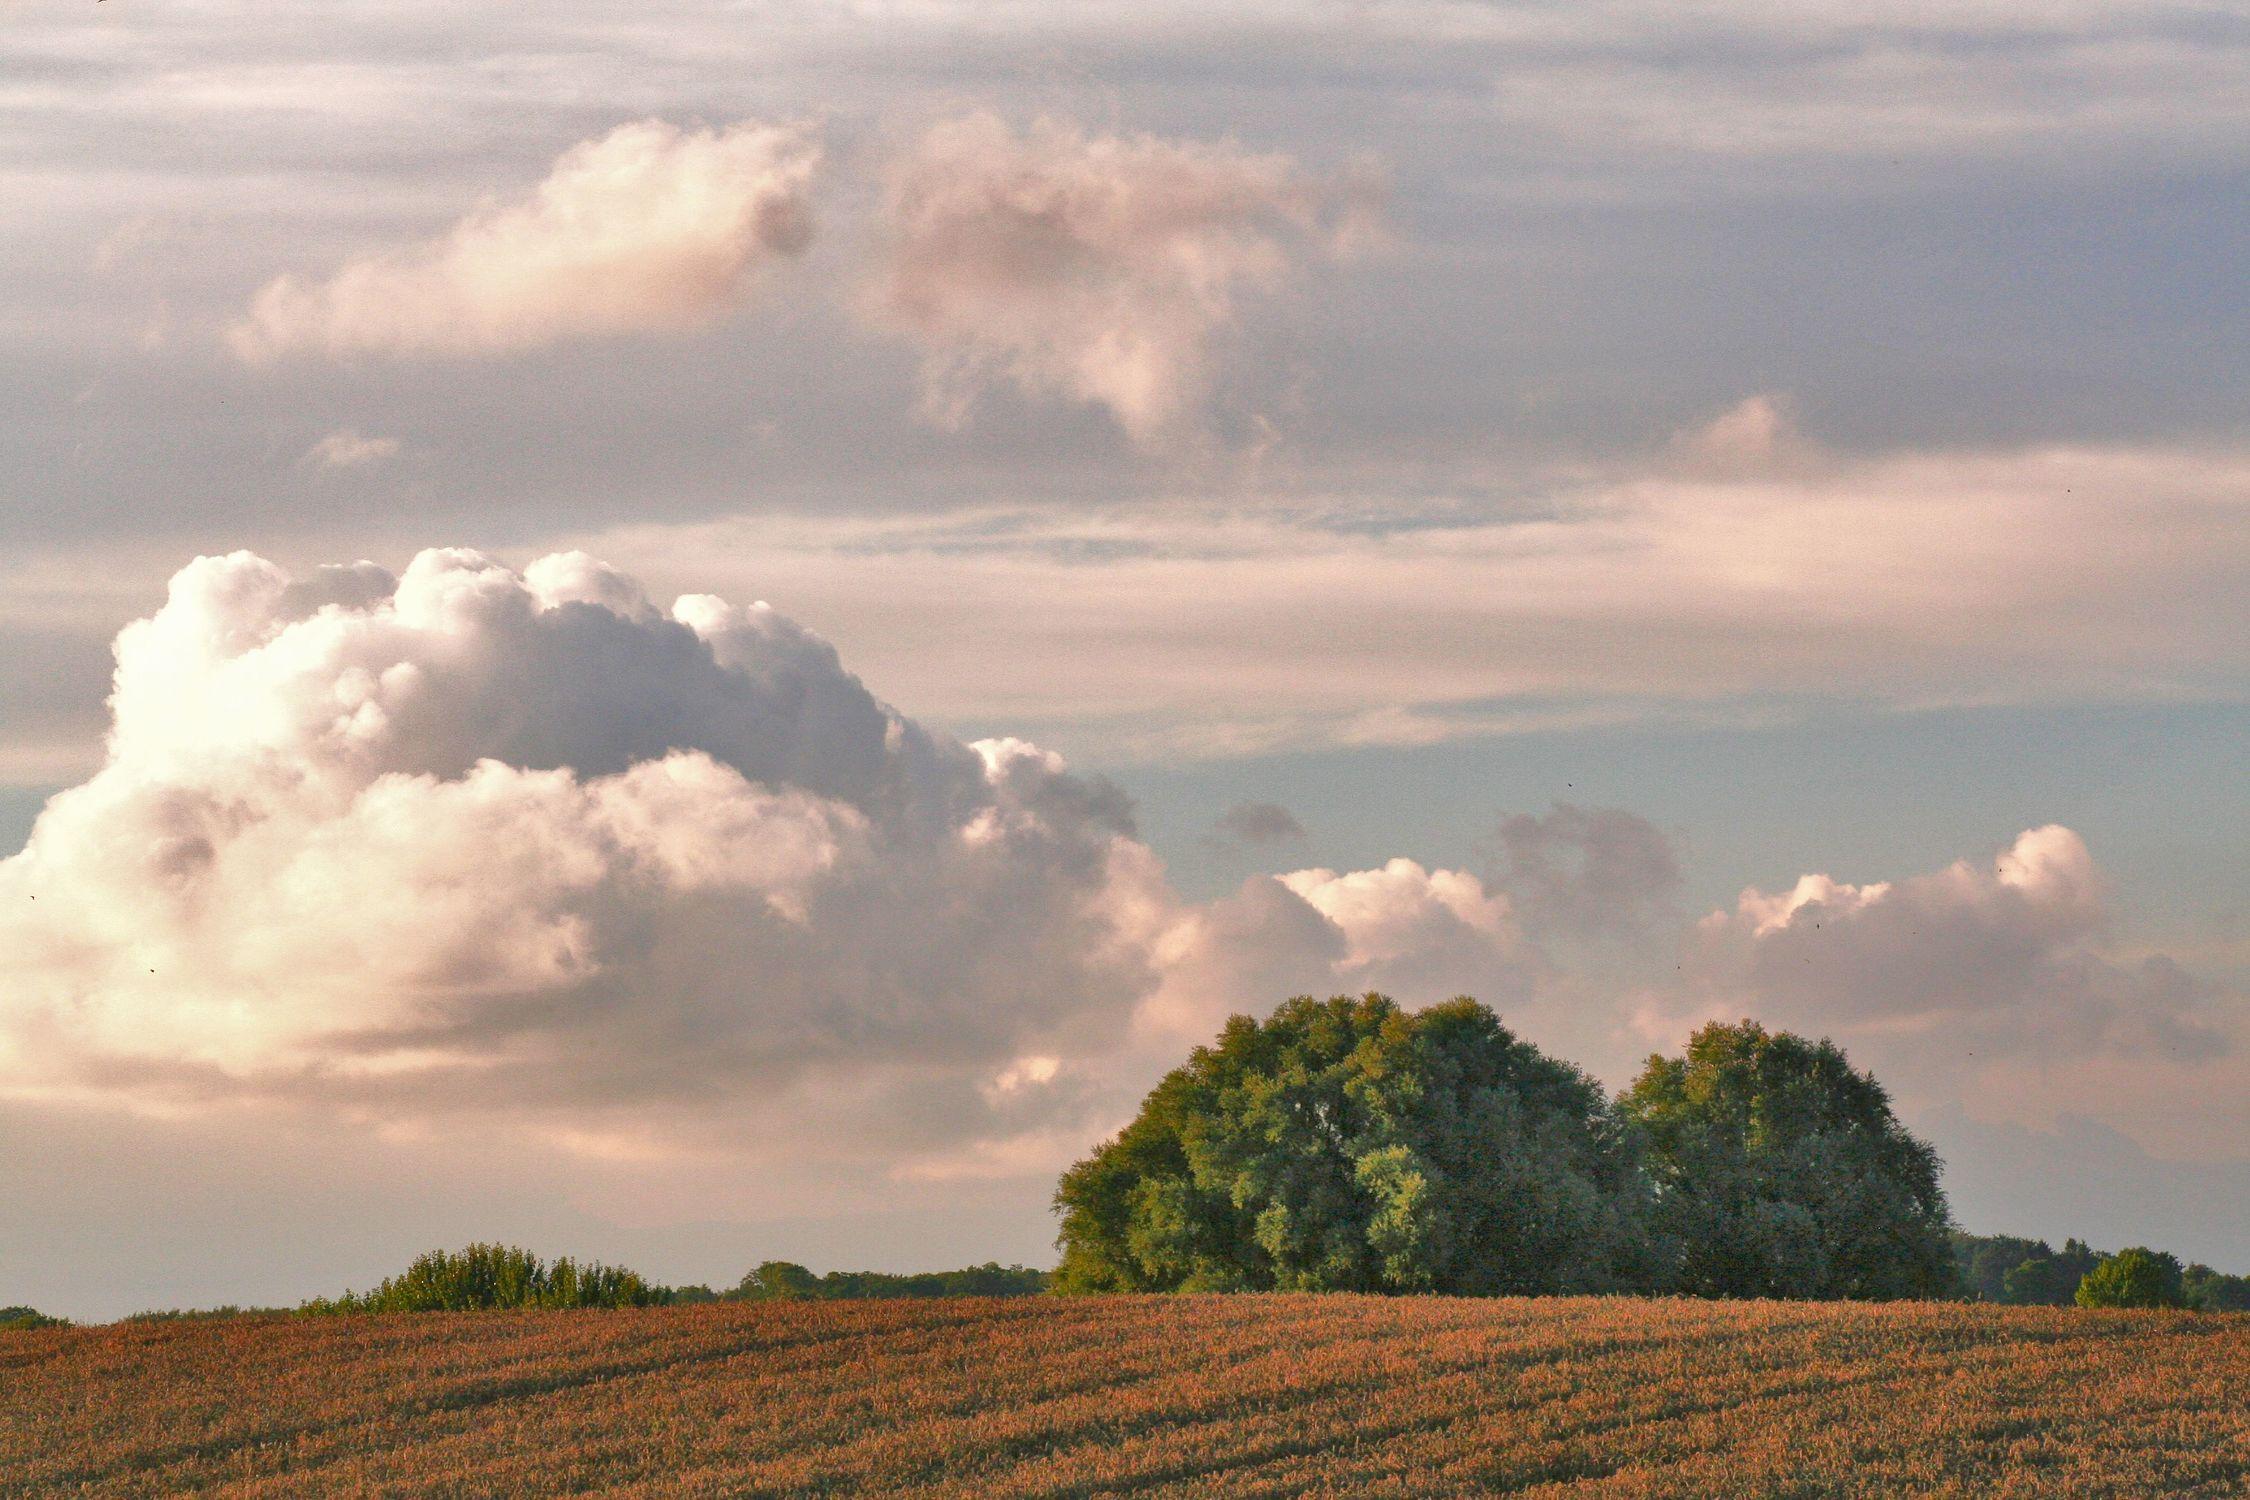 Bild mit Natur, Pflanzen, Gräser, Landschaften, Berge und Hügel, Himmel, Hügel, Bäume, Jahreszeiten, Wolken, Orte, Horizont, Siedlungen, Architektur, Bauwerke, Gebäude, Tageslicht, Sommer, Bauernhöfe, Ländliche Gebiete